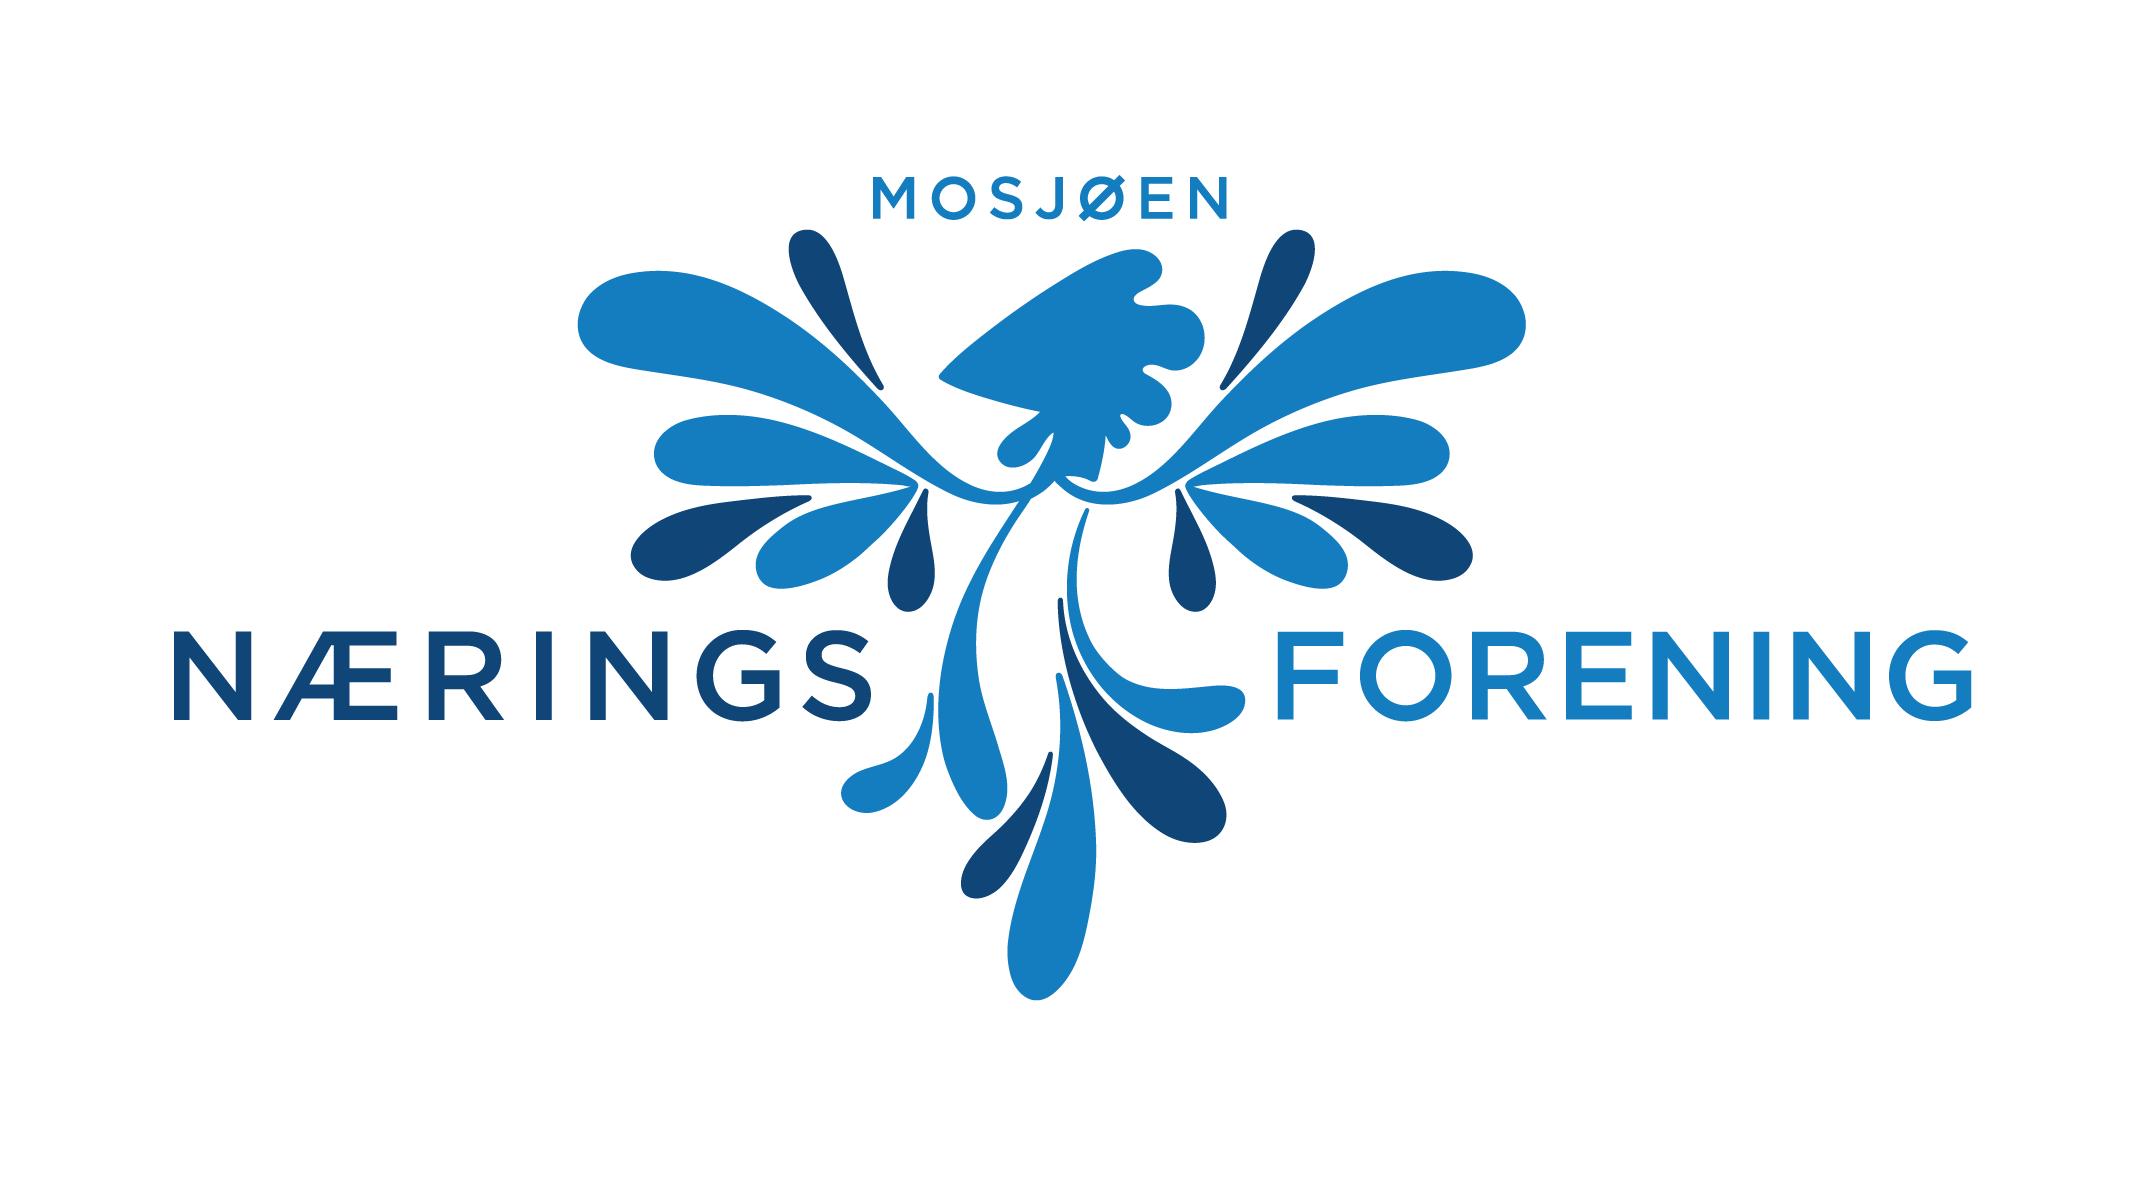 Mosjøen Næringsforening – Næringsliv, handel, industri, håndverk